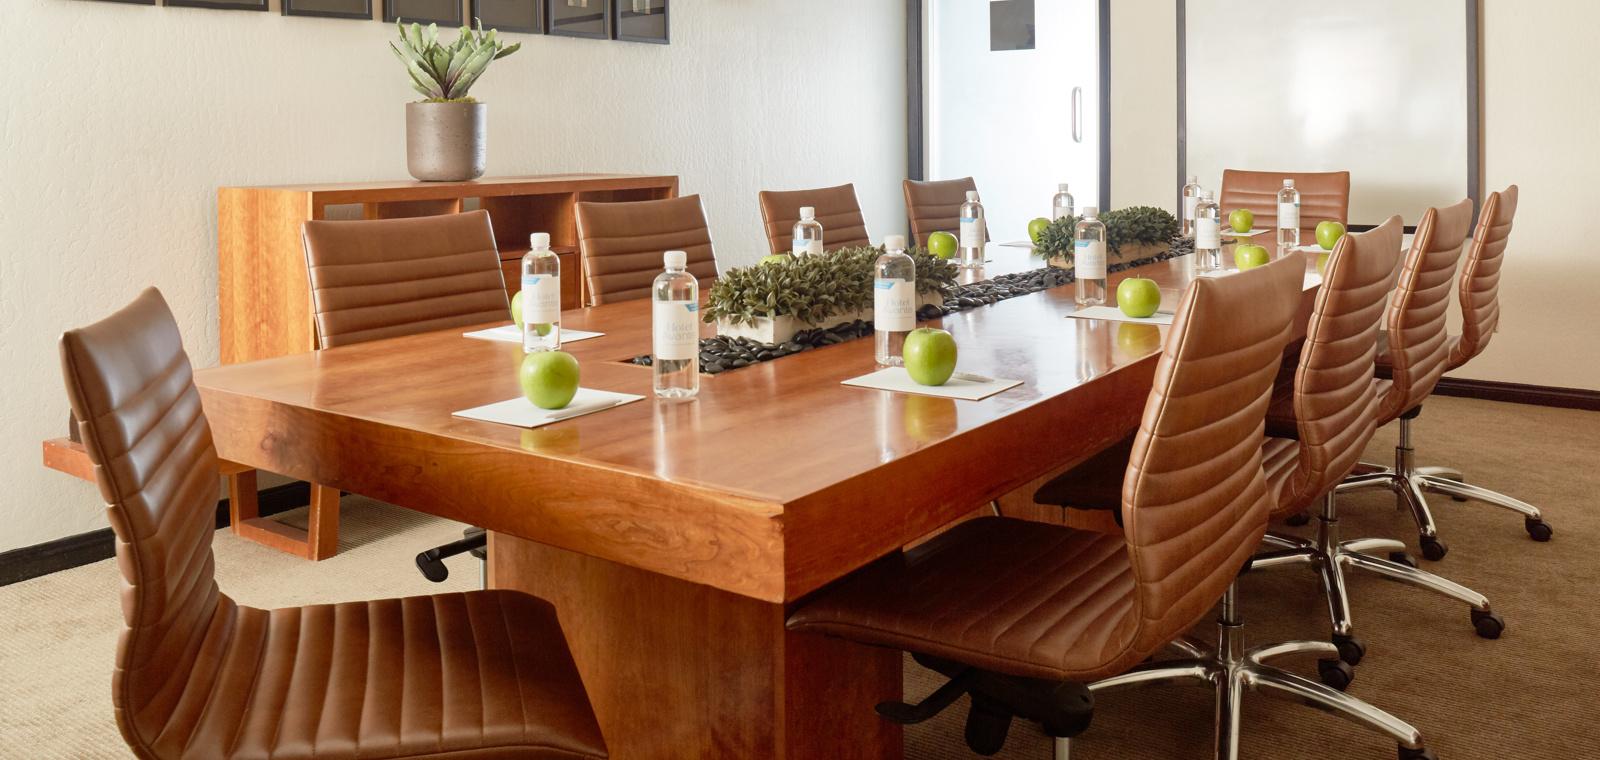 Hotel Avante_Meeting_Room